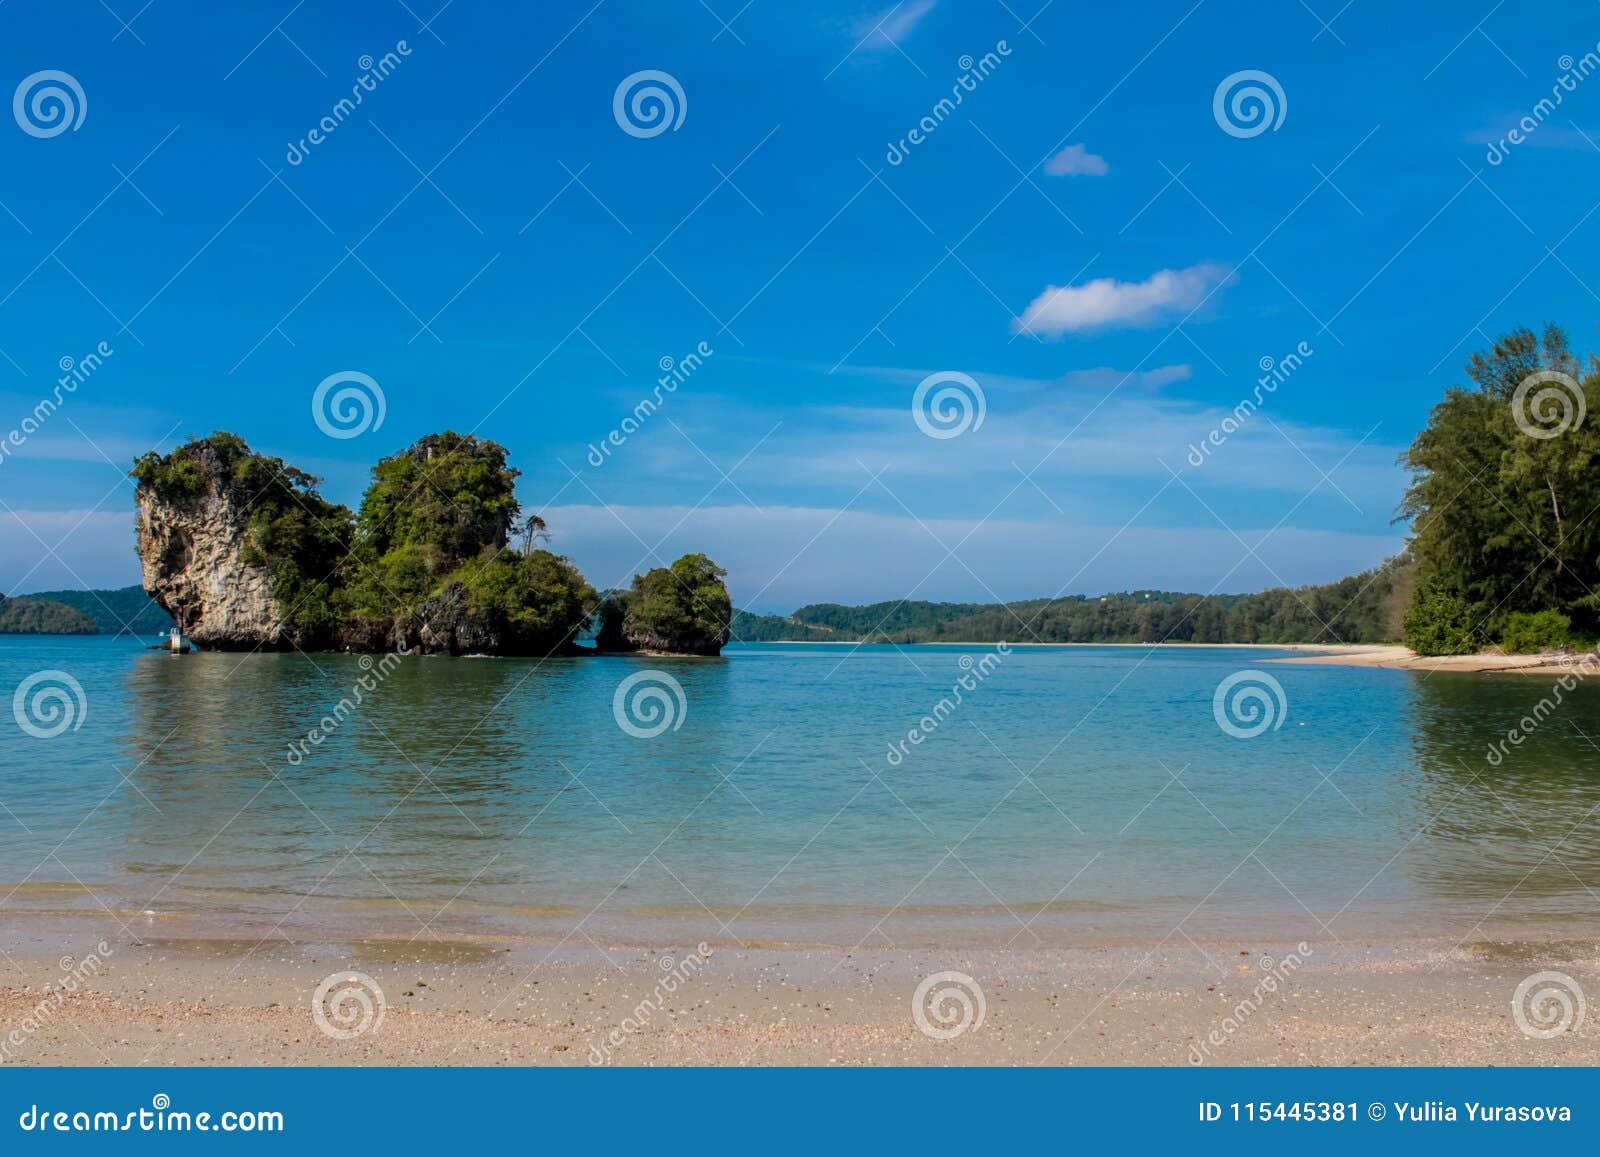 La isla del acantilado de la roca de la piedra caliza en la bahía de Krabi, la bahía del Ao Nang, Railei y Tonsai varan Tailandia